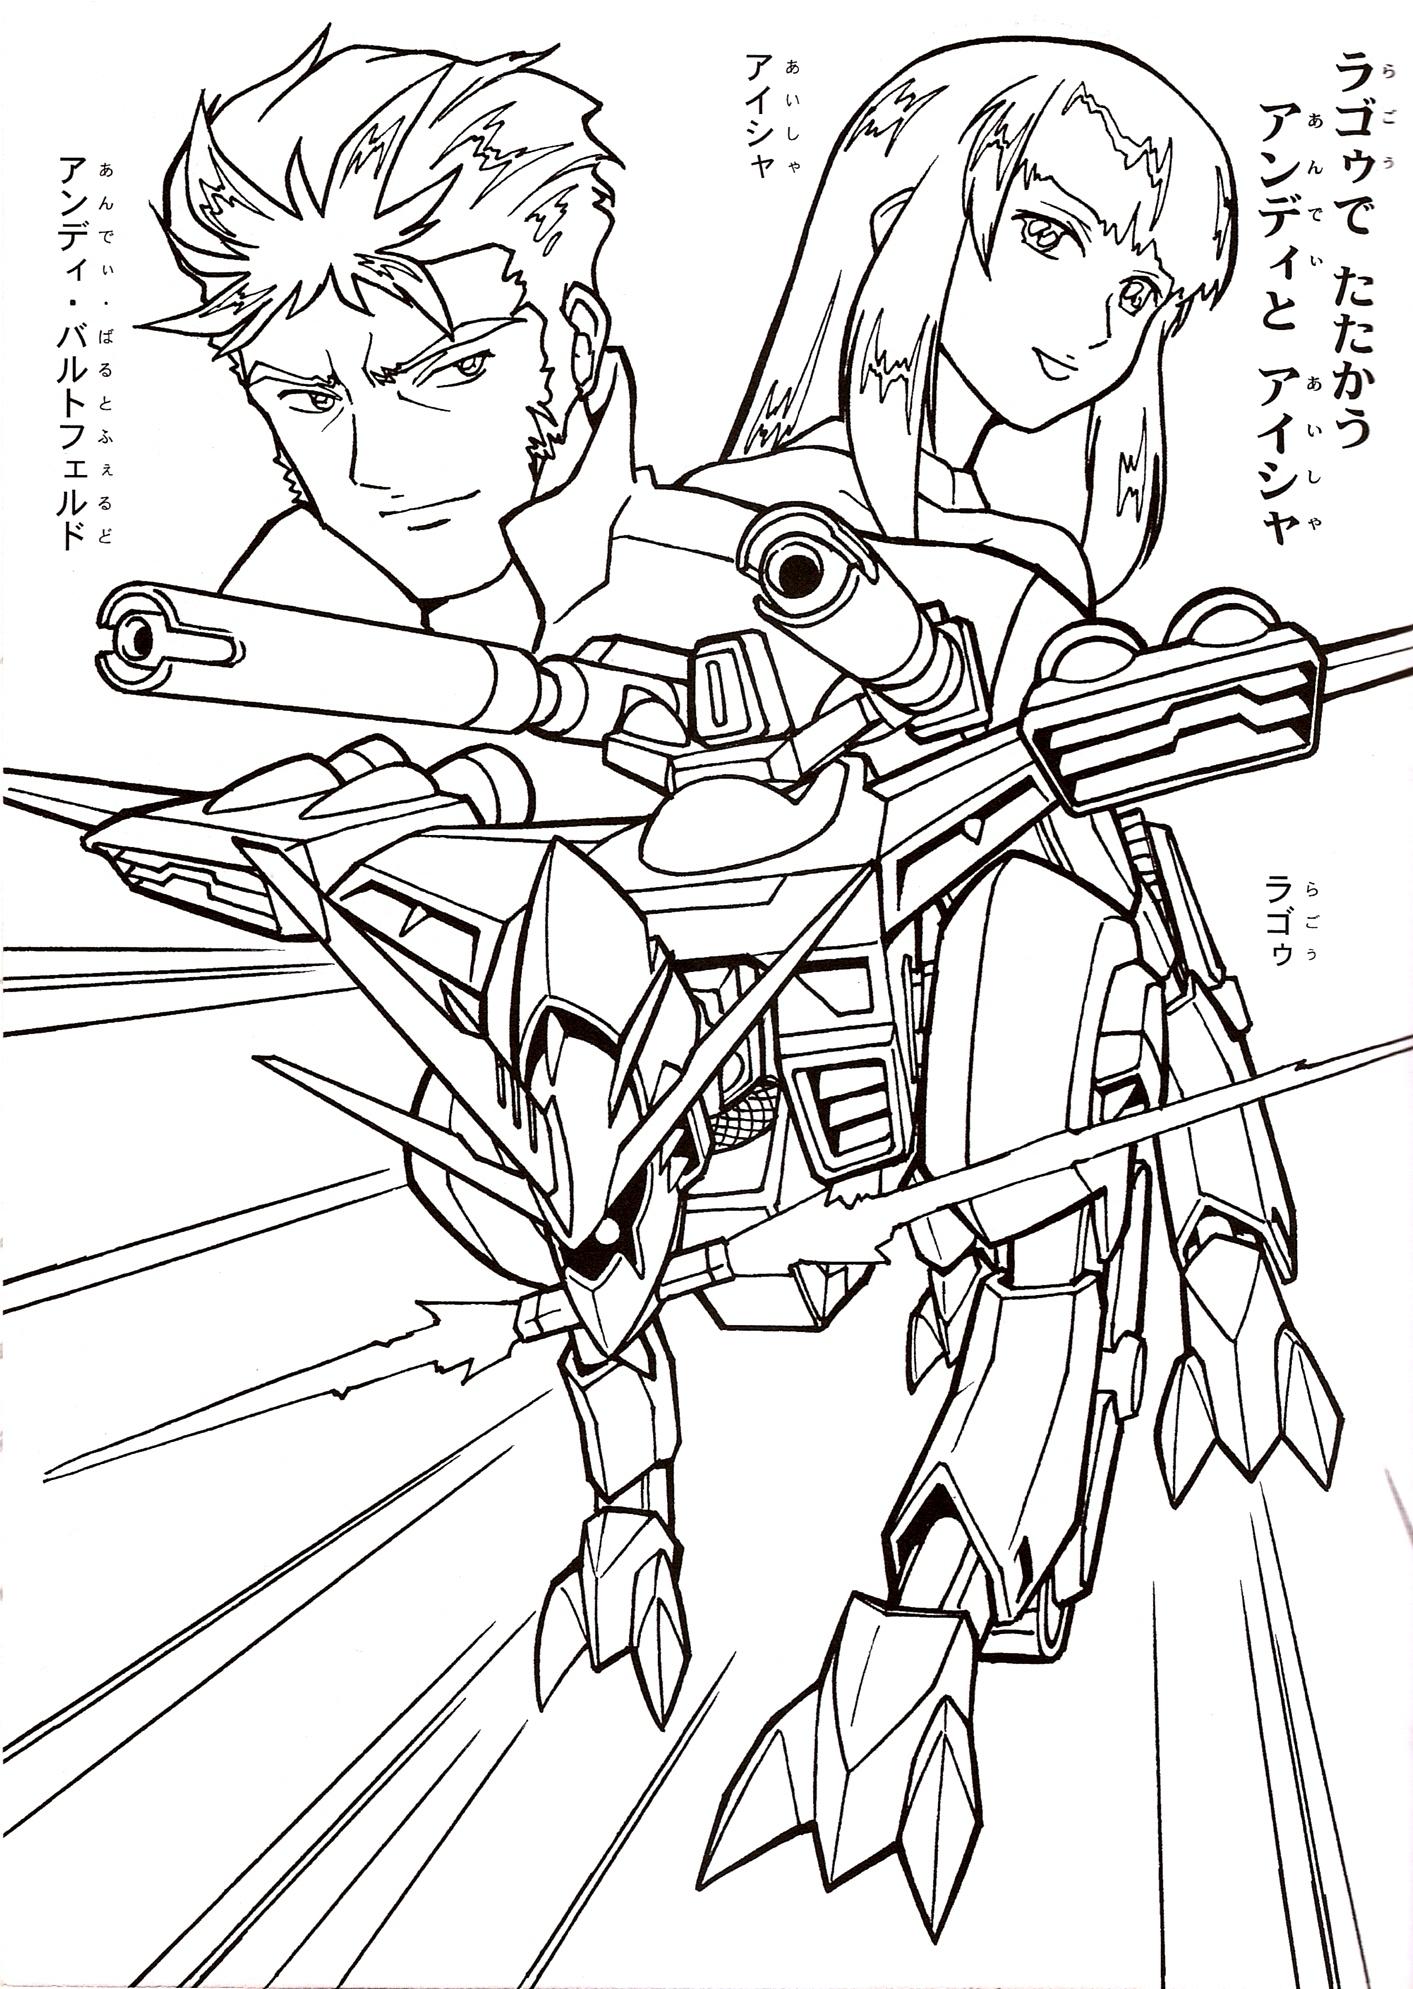 coloring pages gundams - photo#38